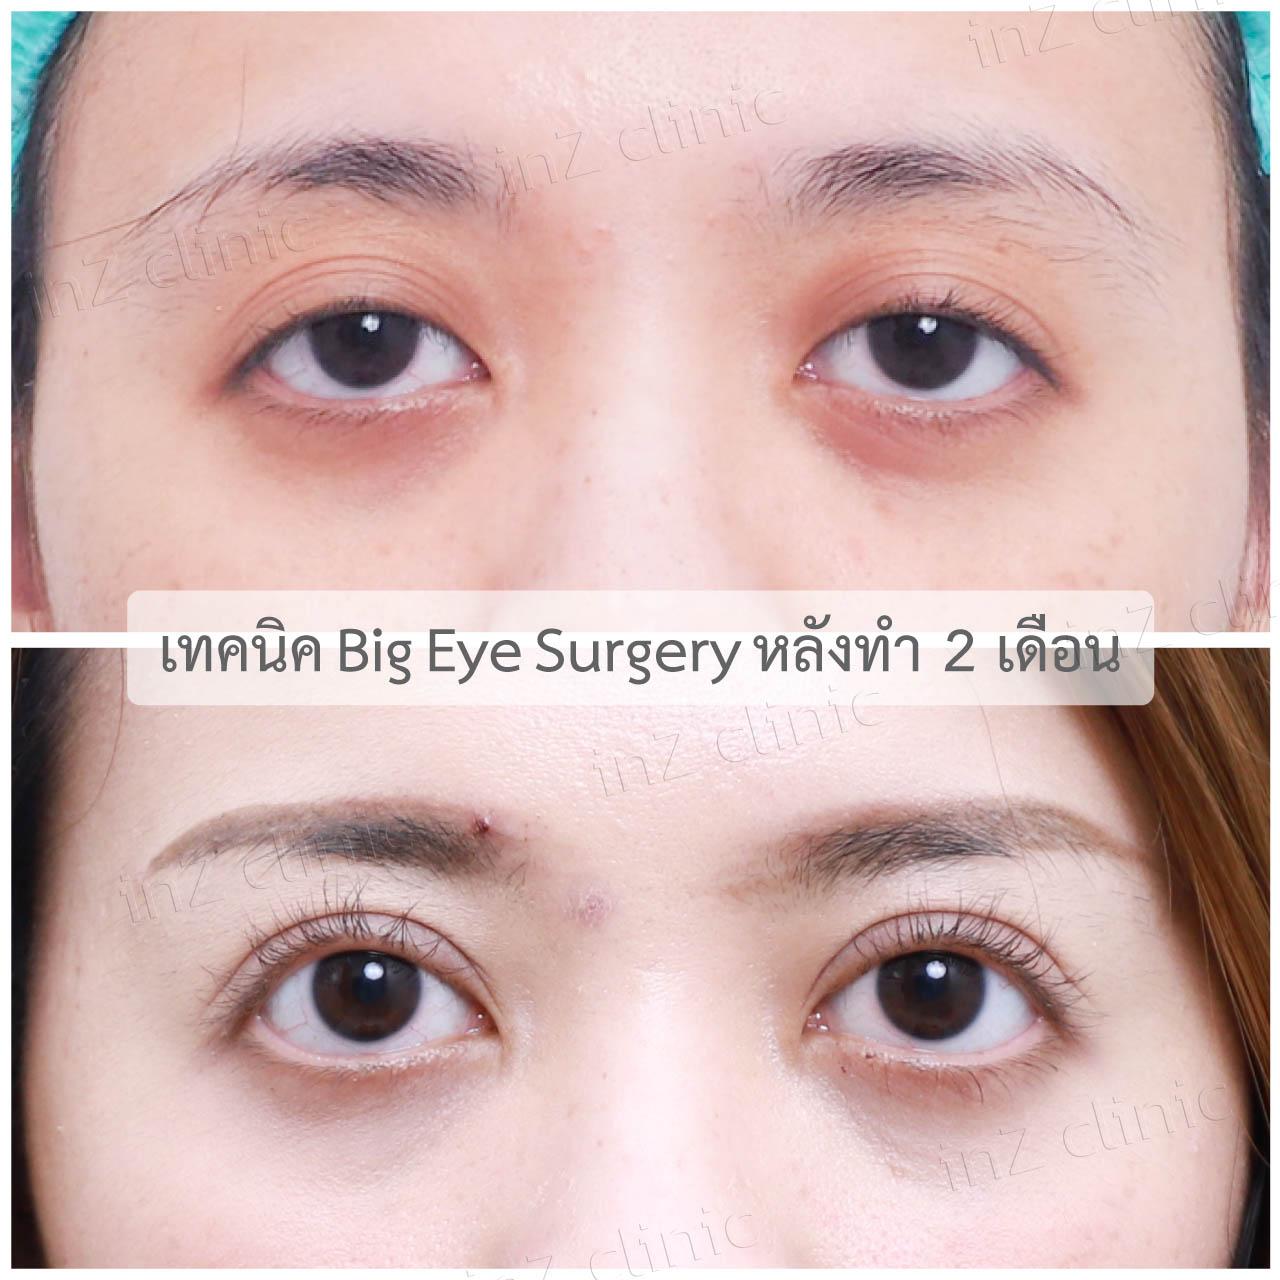 ทำตาแก้ไขปัญหากล้ามเนื้อตาอ่อนแรง